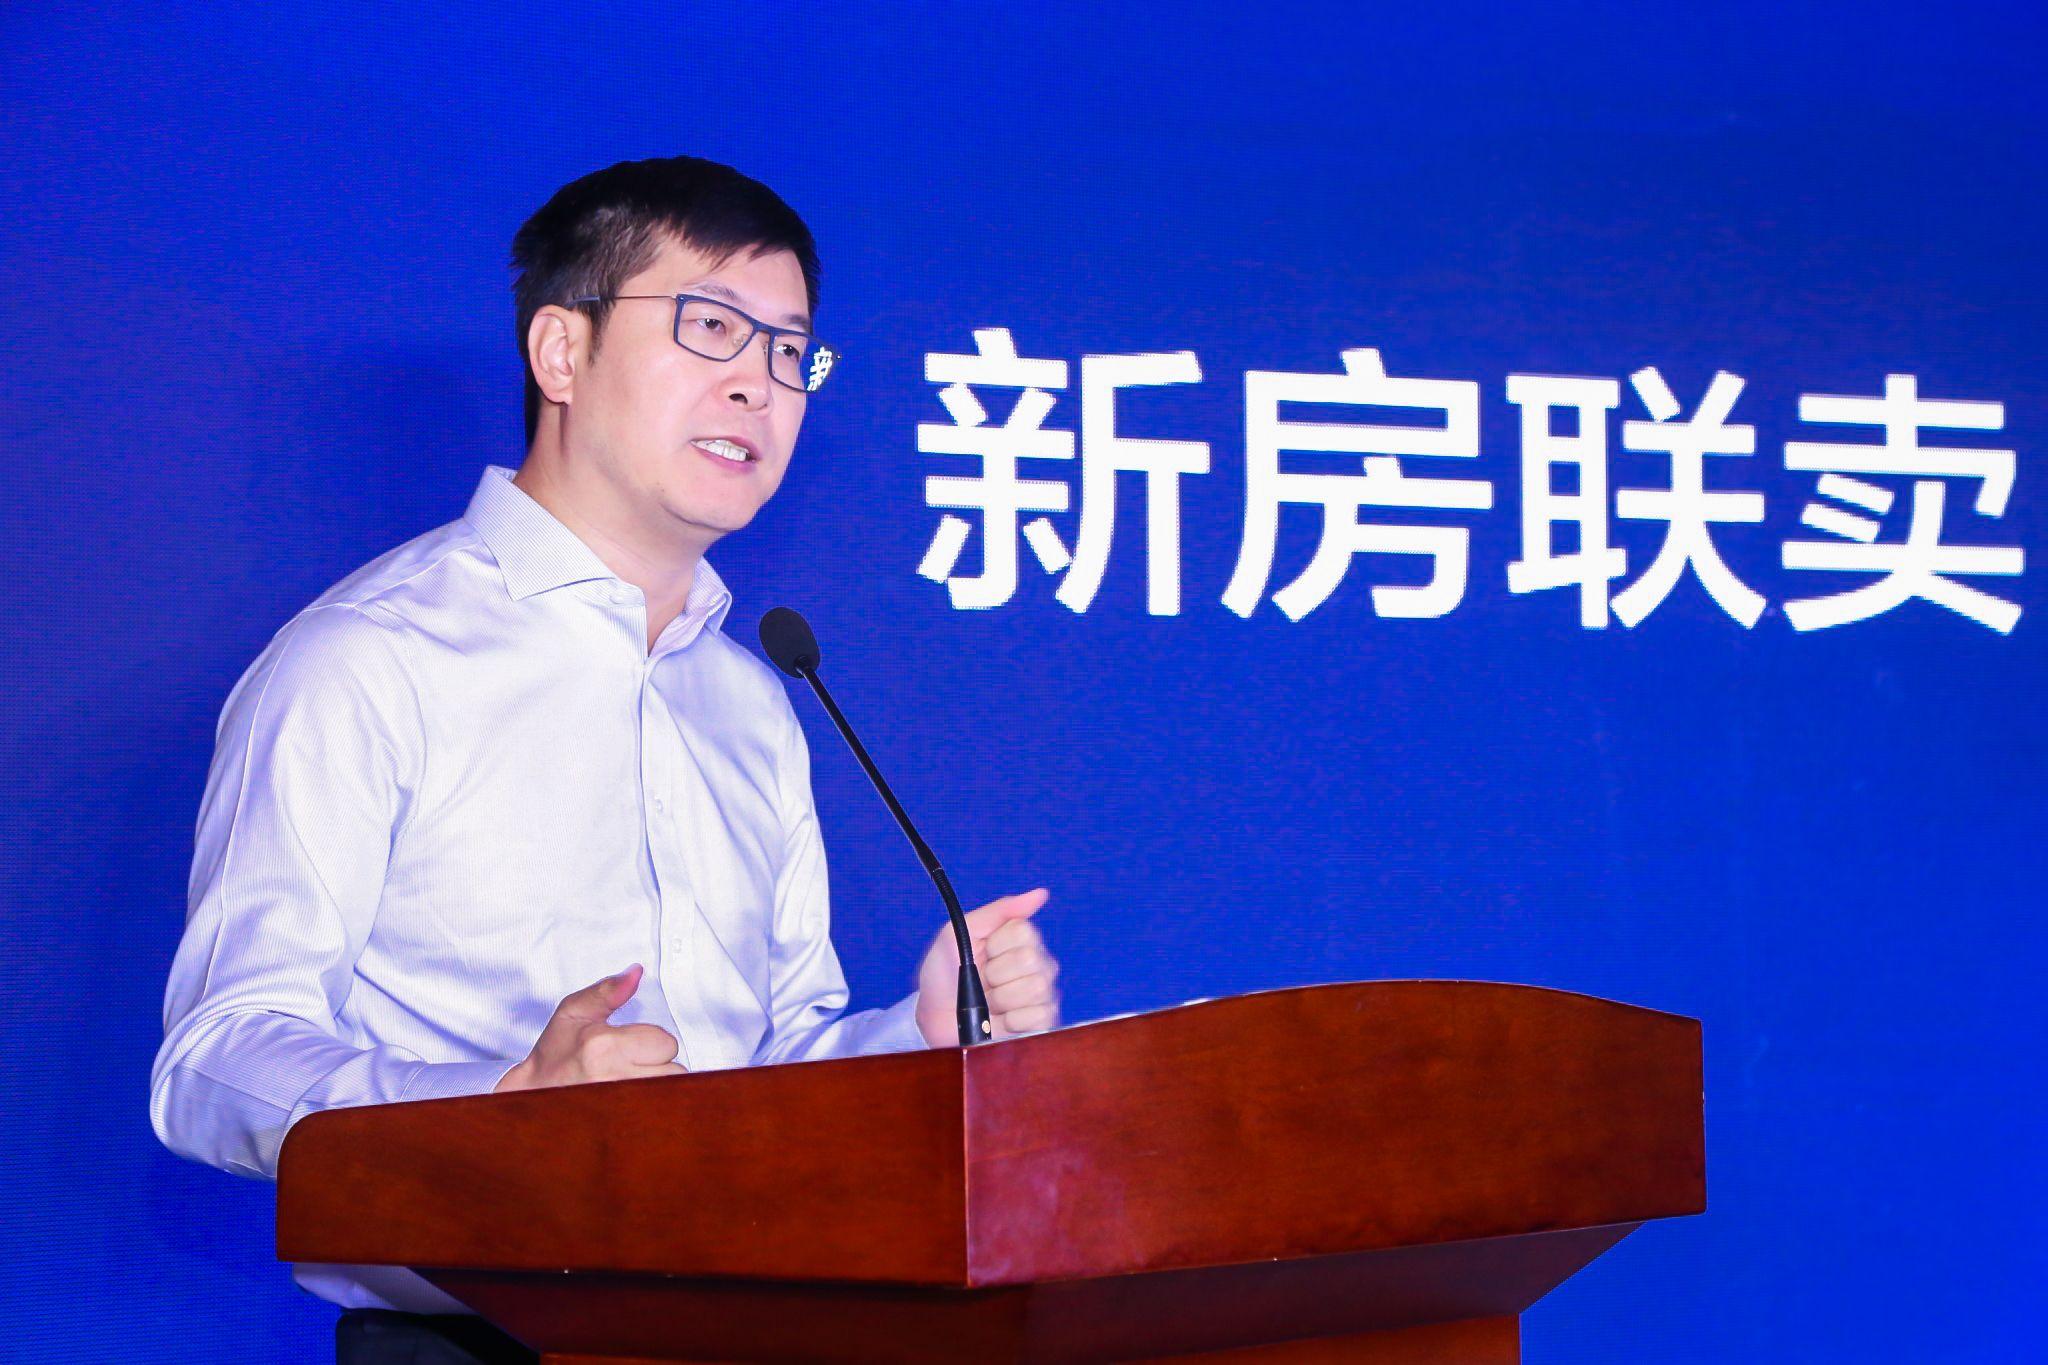 姚劲波解读58同城Q2财报:净利大幅增长 房产等核心业务稳步发展